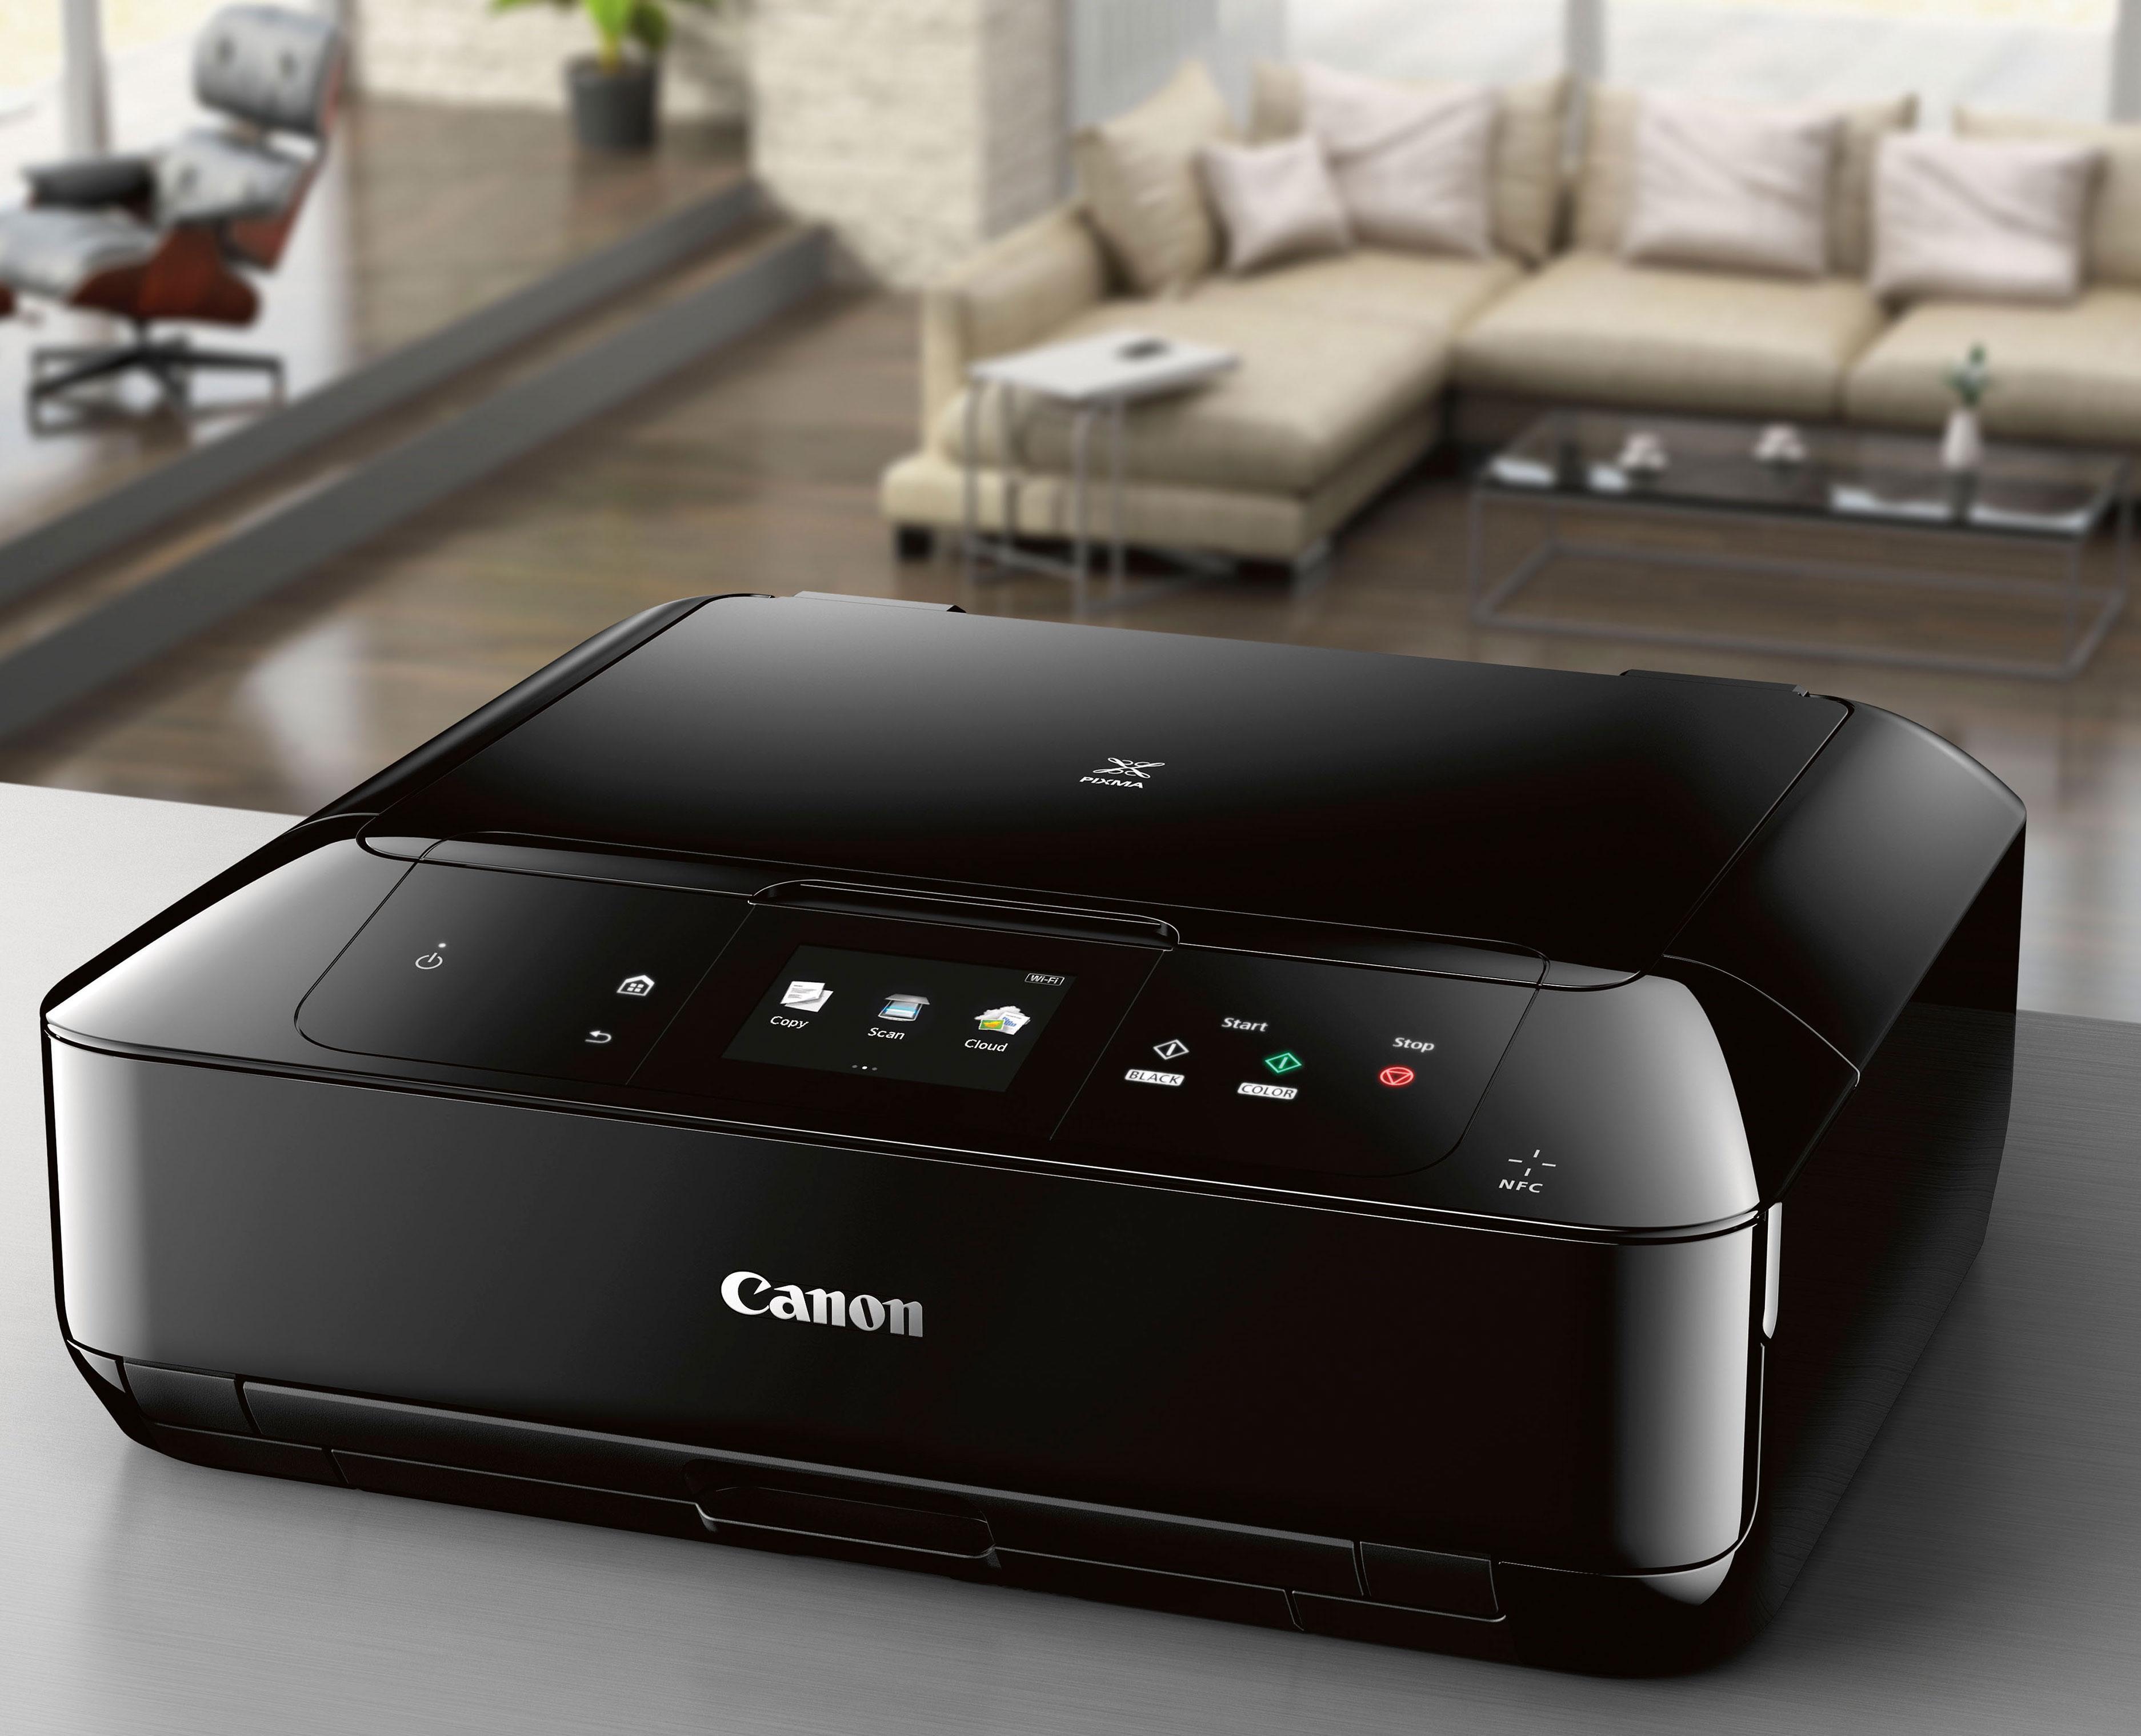 canon mg7720 printer driver